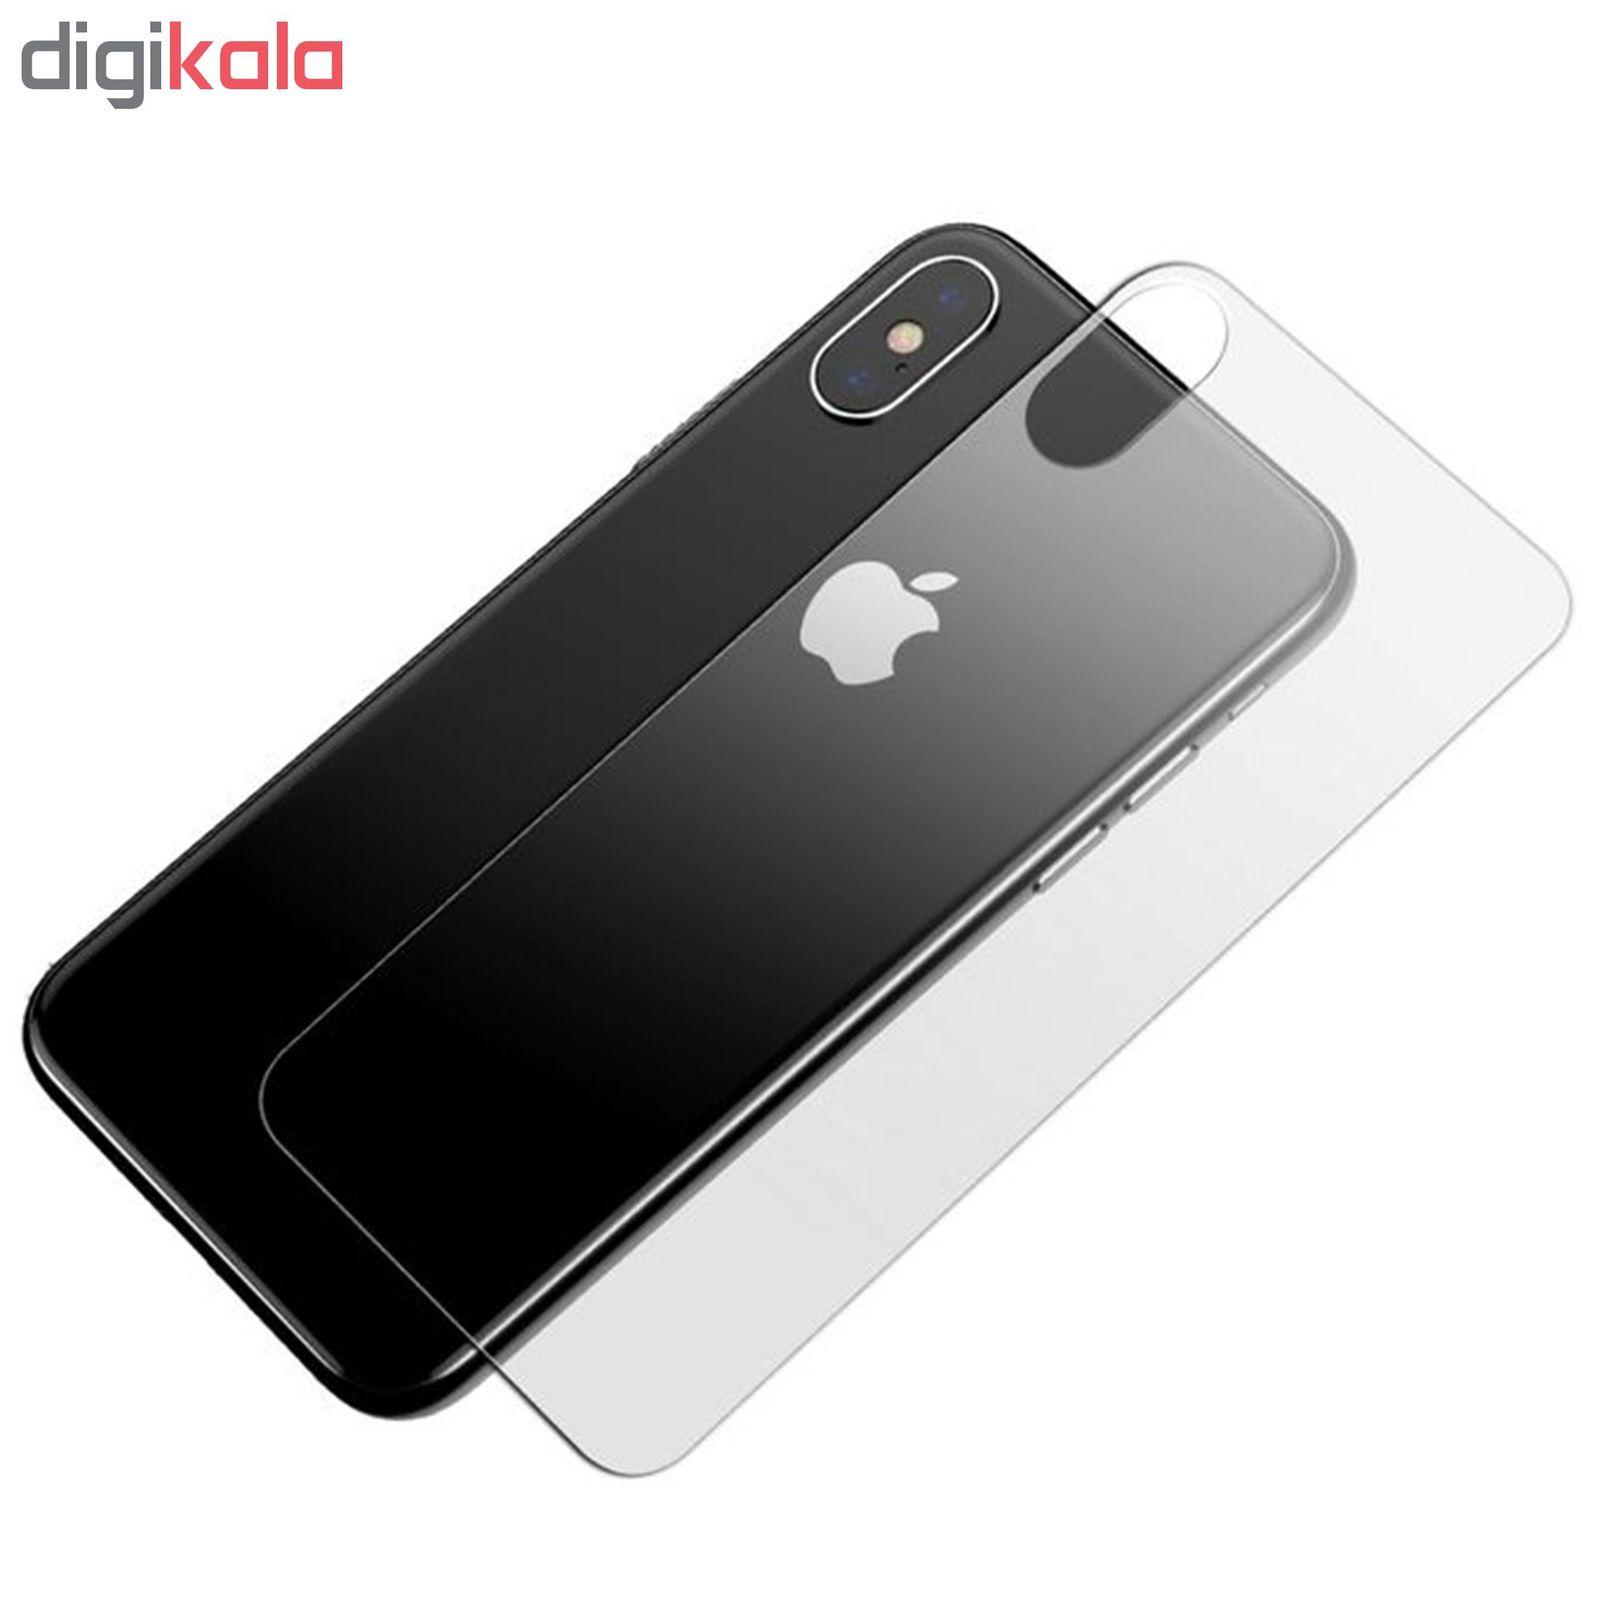 محافظ صفحه نمایش  و پشت گوشی Hard and Thick مدل F-01 مناسب برای گوشی موبایل اپل Iphone X/Xs main 1 3